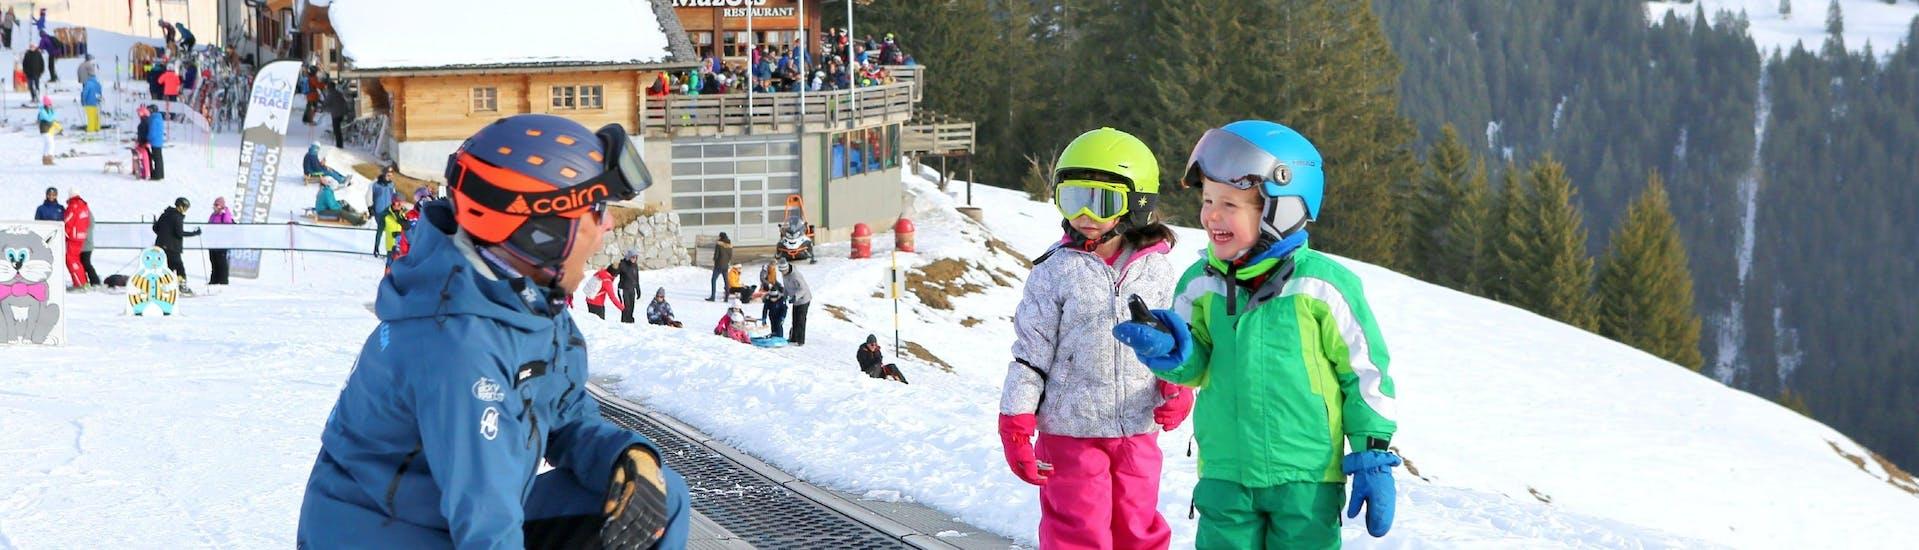 """Des enfants s'entraînent à skier dans l'aire d'entraînement pendant leur Cours de ski Enfants """"Jardin des Neiges"""" (3-4 ans) avec l'école de ski Diablerets Pure Trace."""